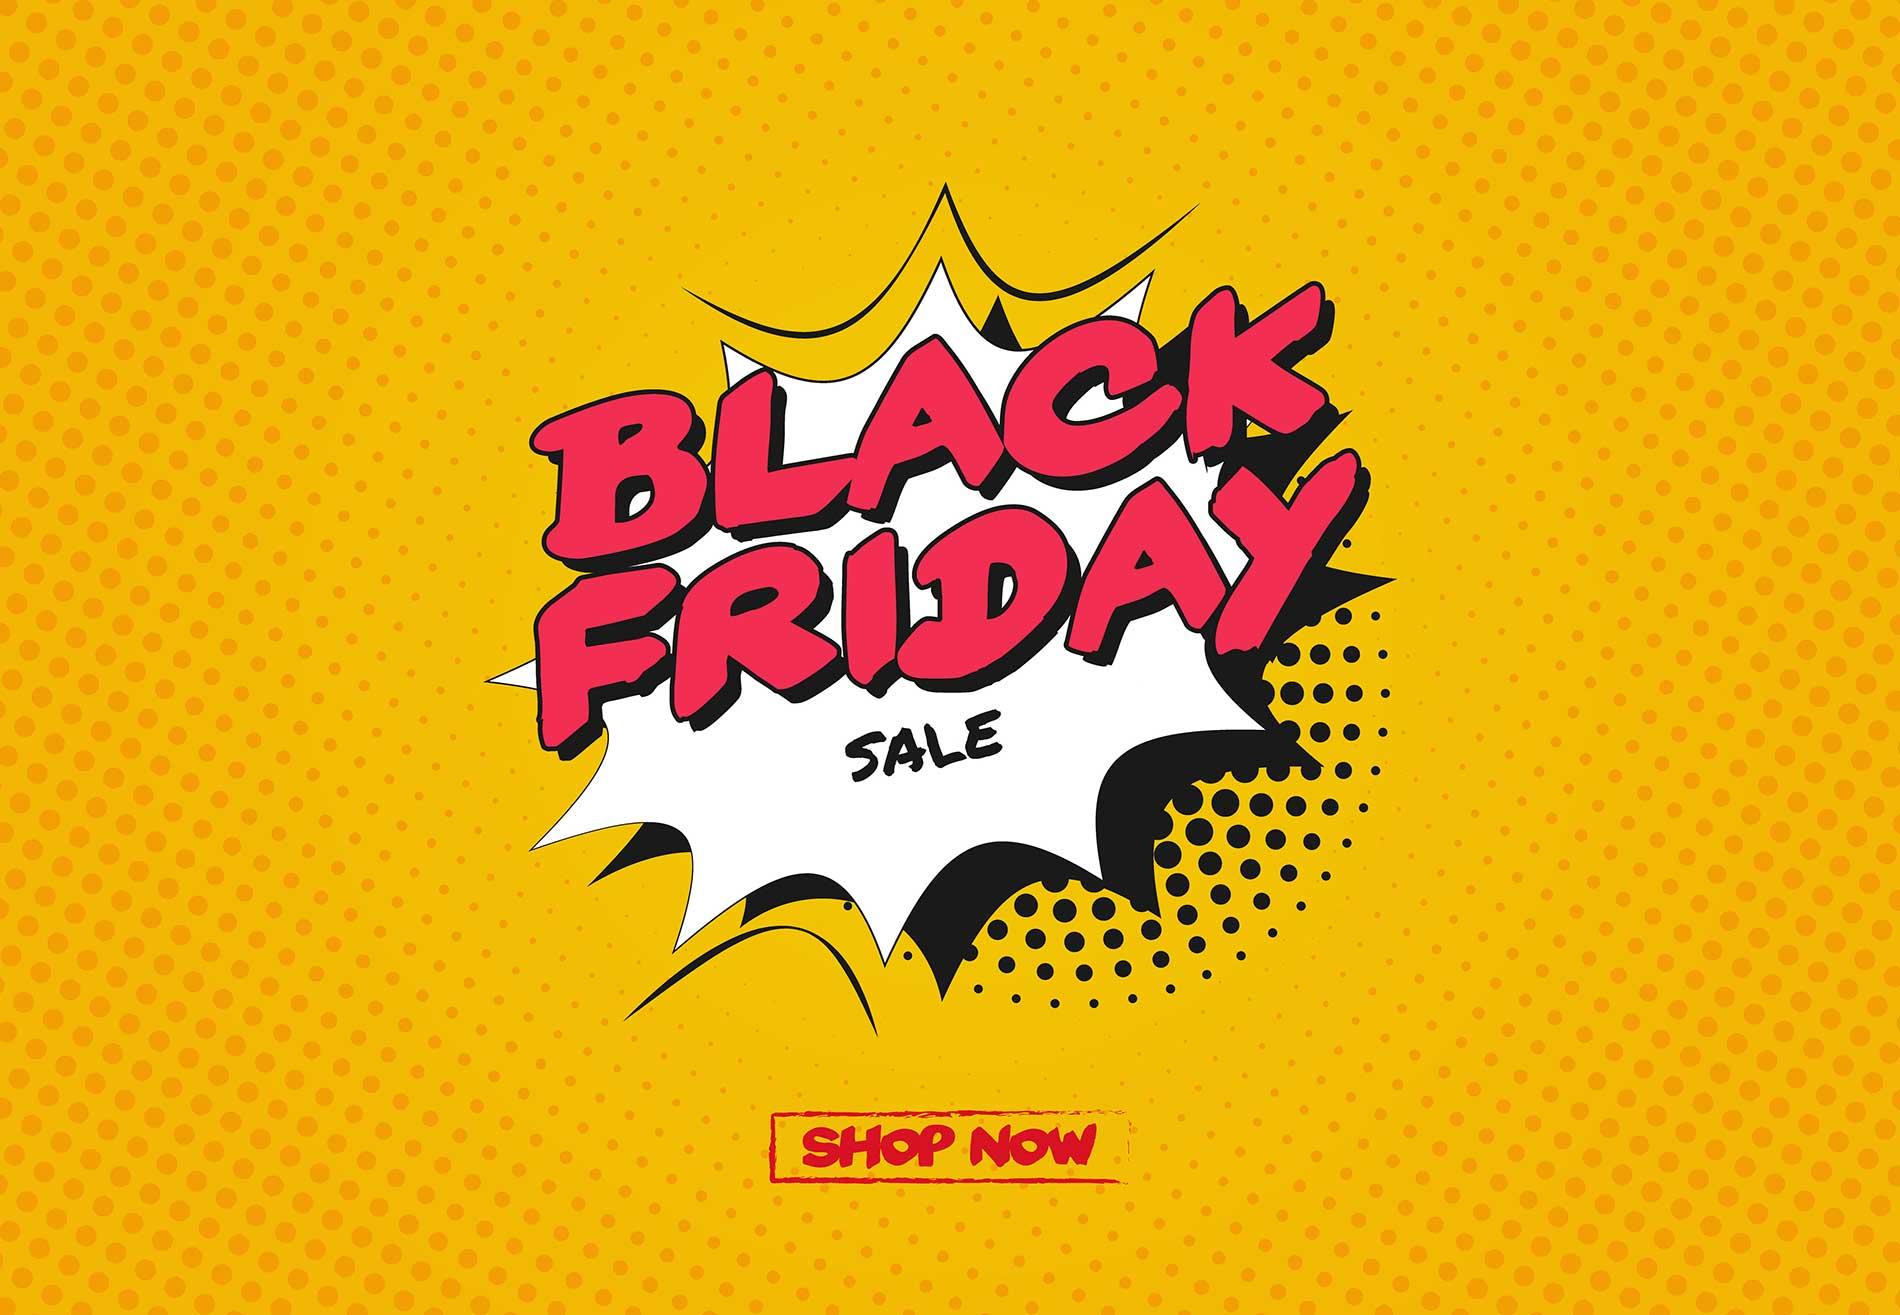 Black friday deals sales and discounts